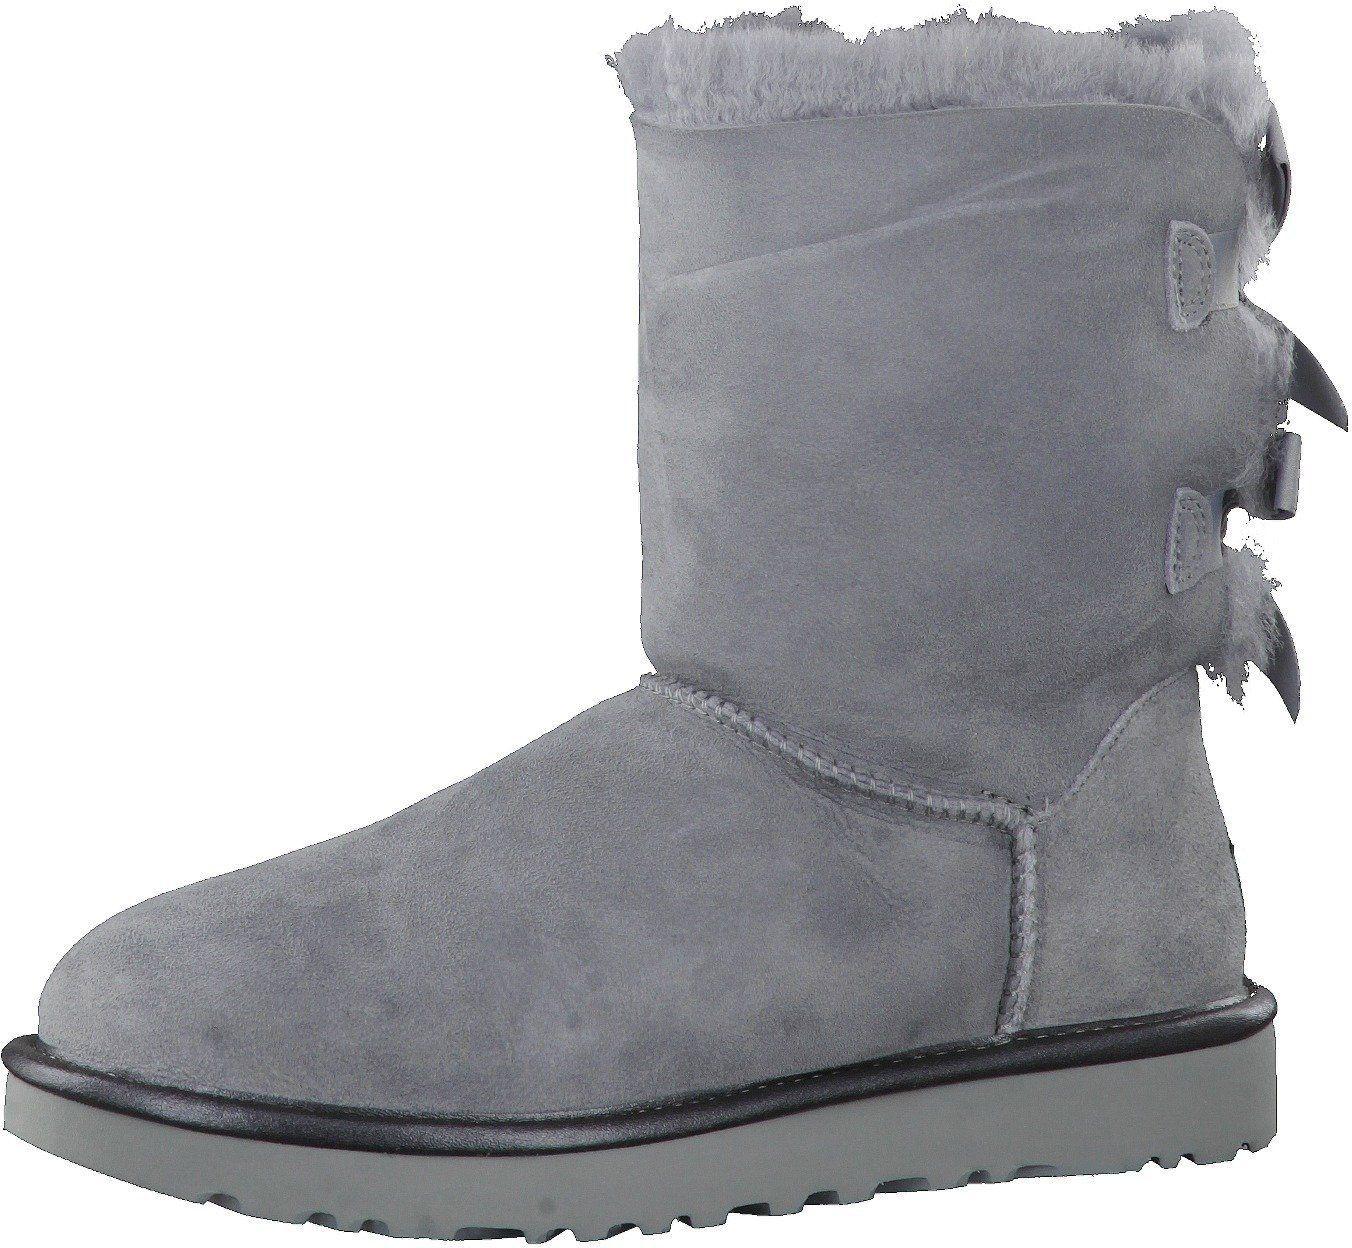 Ugg Boots Bailey Bow II Metallic grau